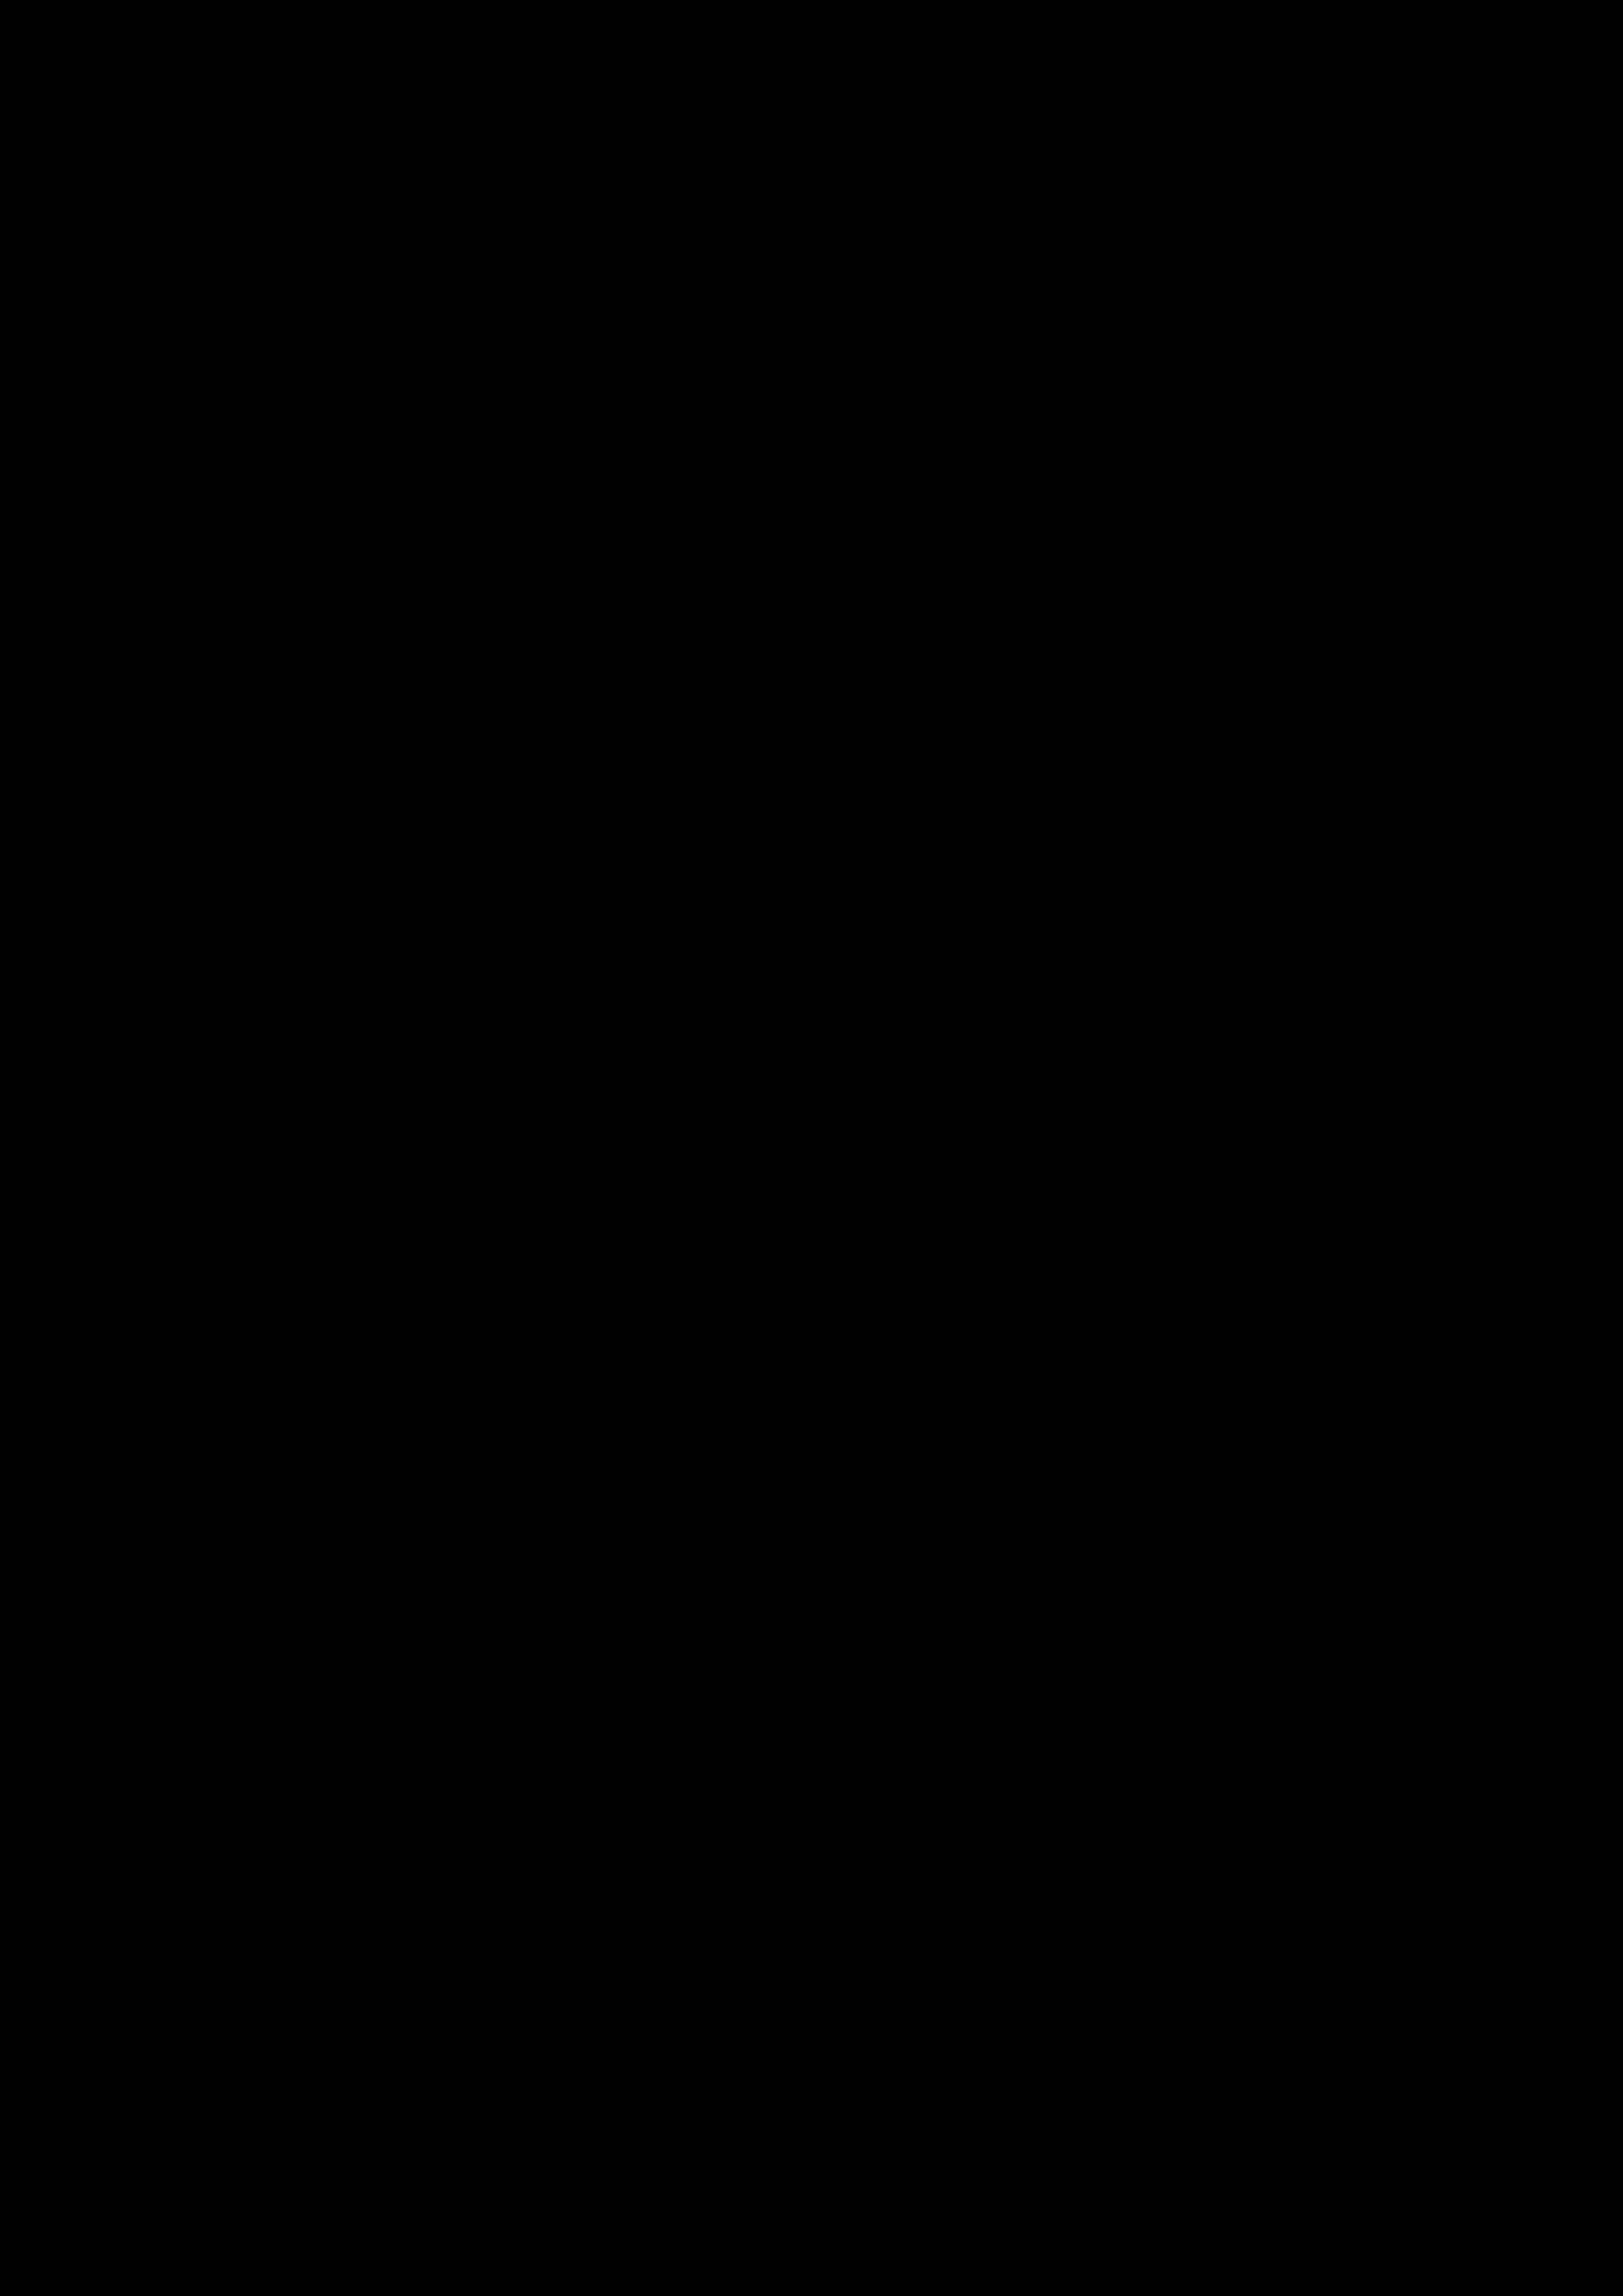 Hervorragend Lettres rugueuses et digrammes rugueux – Montessori … mais pas que ! FS36